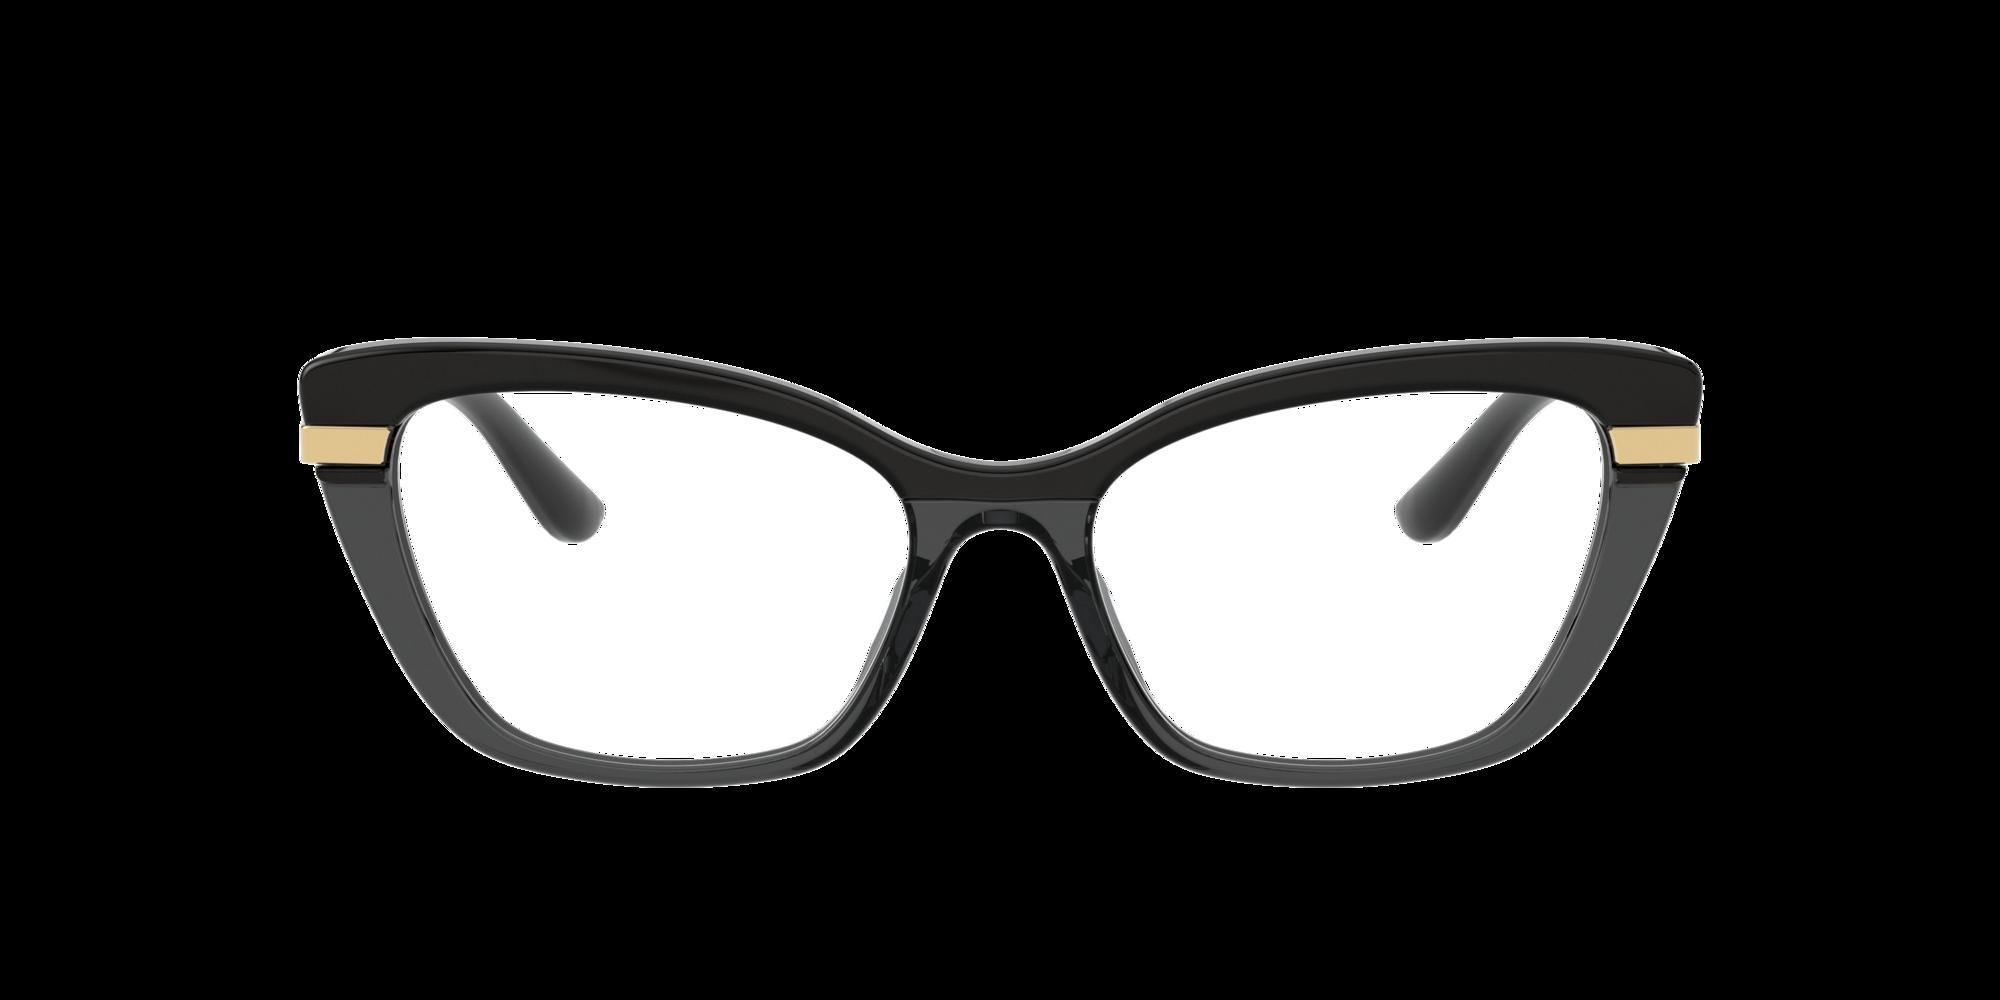 Imagen para DG3325 de LensCrafters |  Espejuelos, espejuelos graduados en línea, gafas